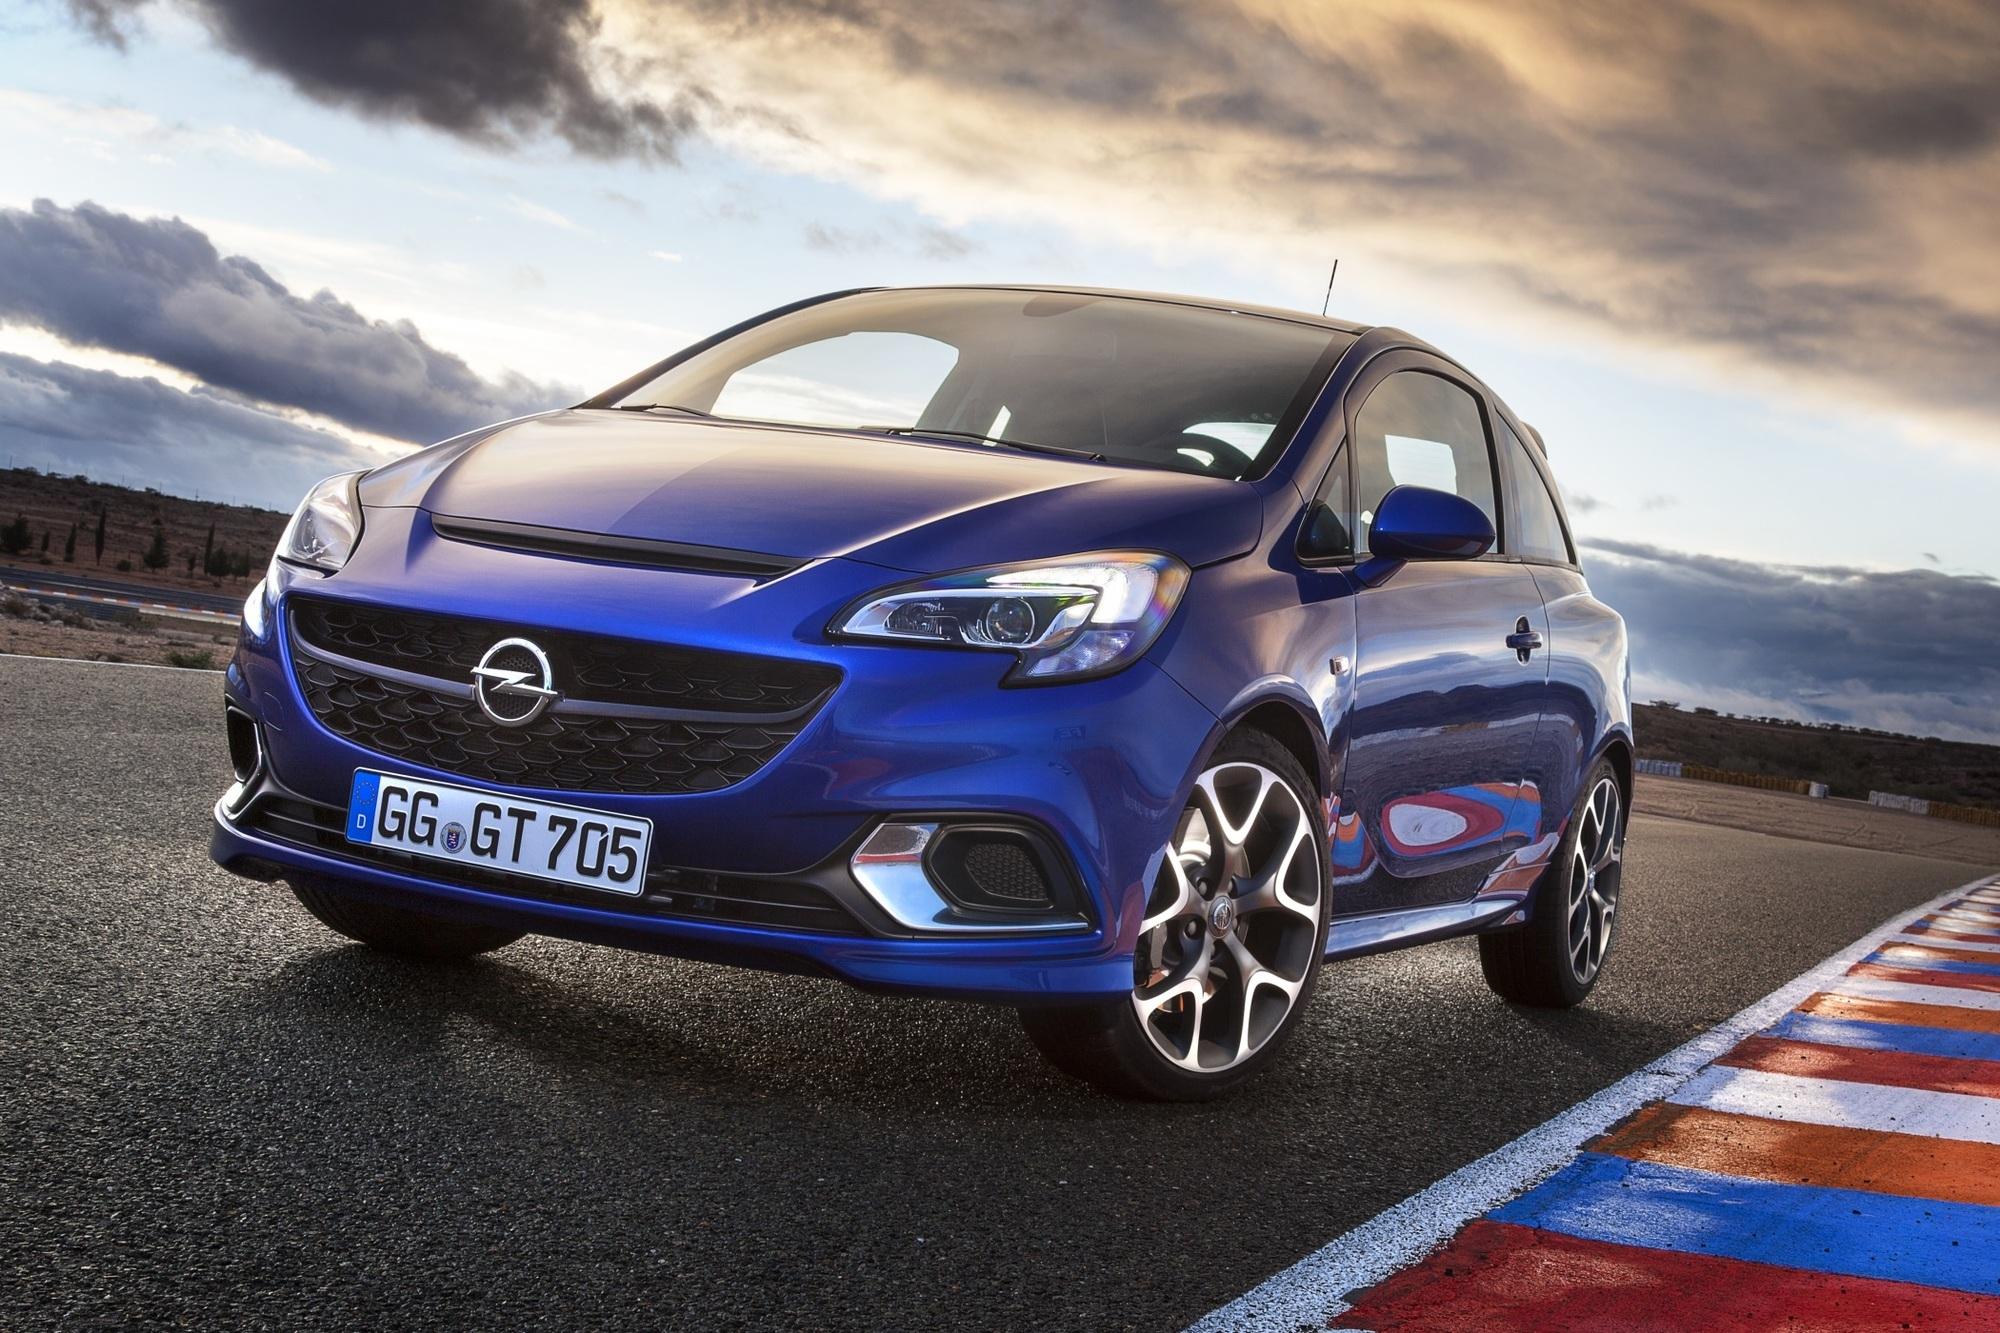 Fahrbericht: Opel Corsa OPC - Scharfer Kraftzwerg